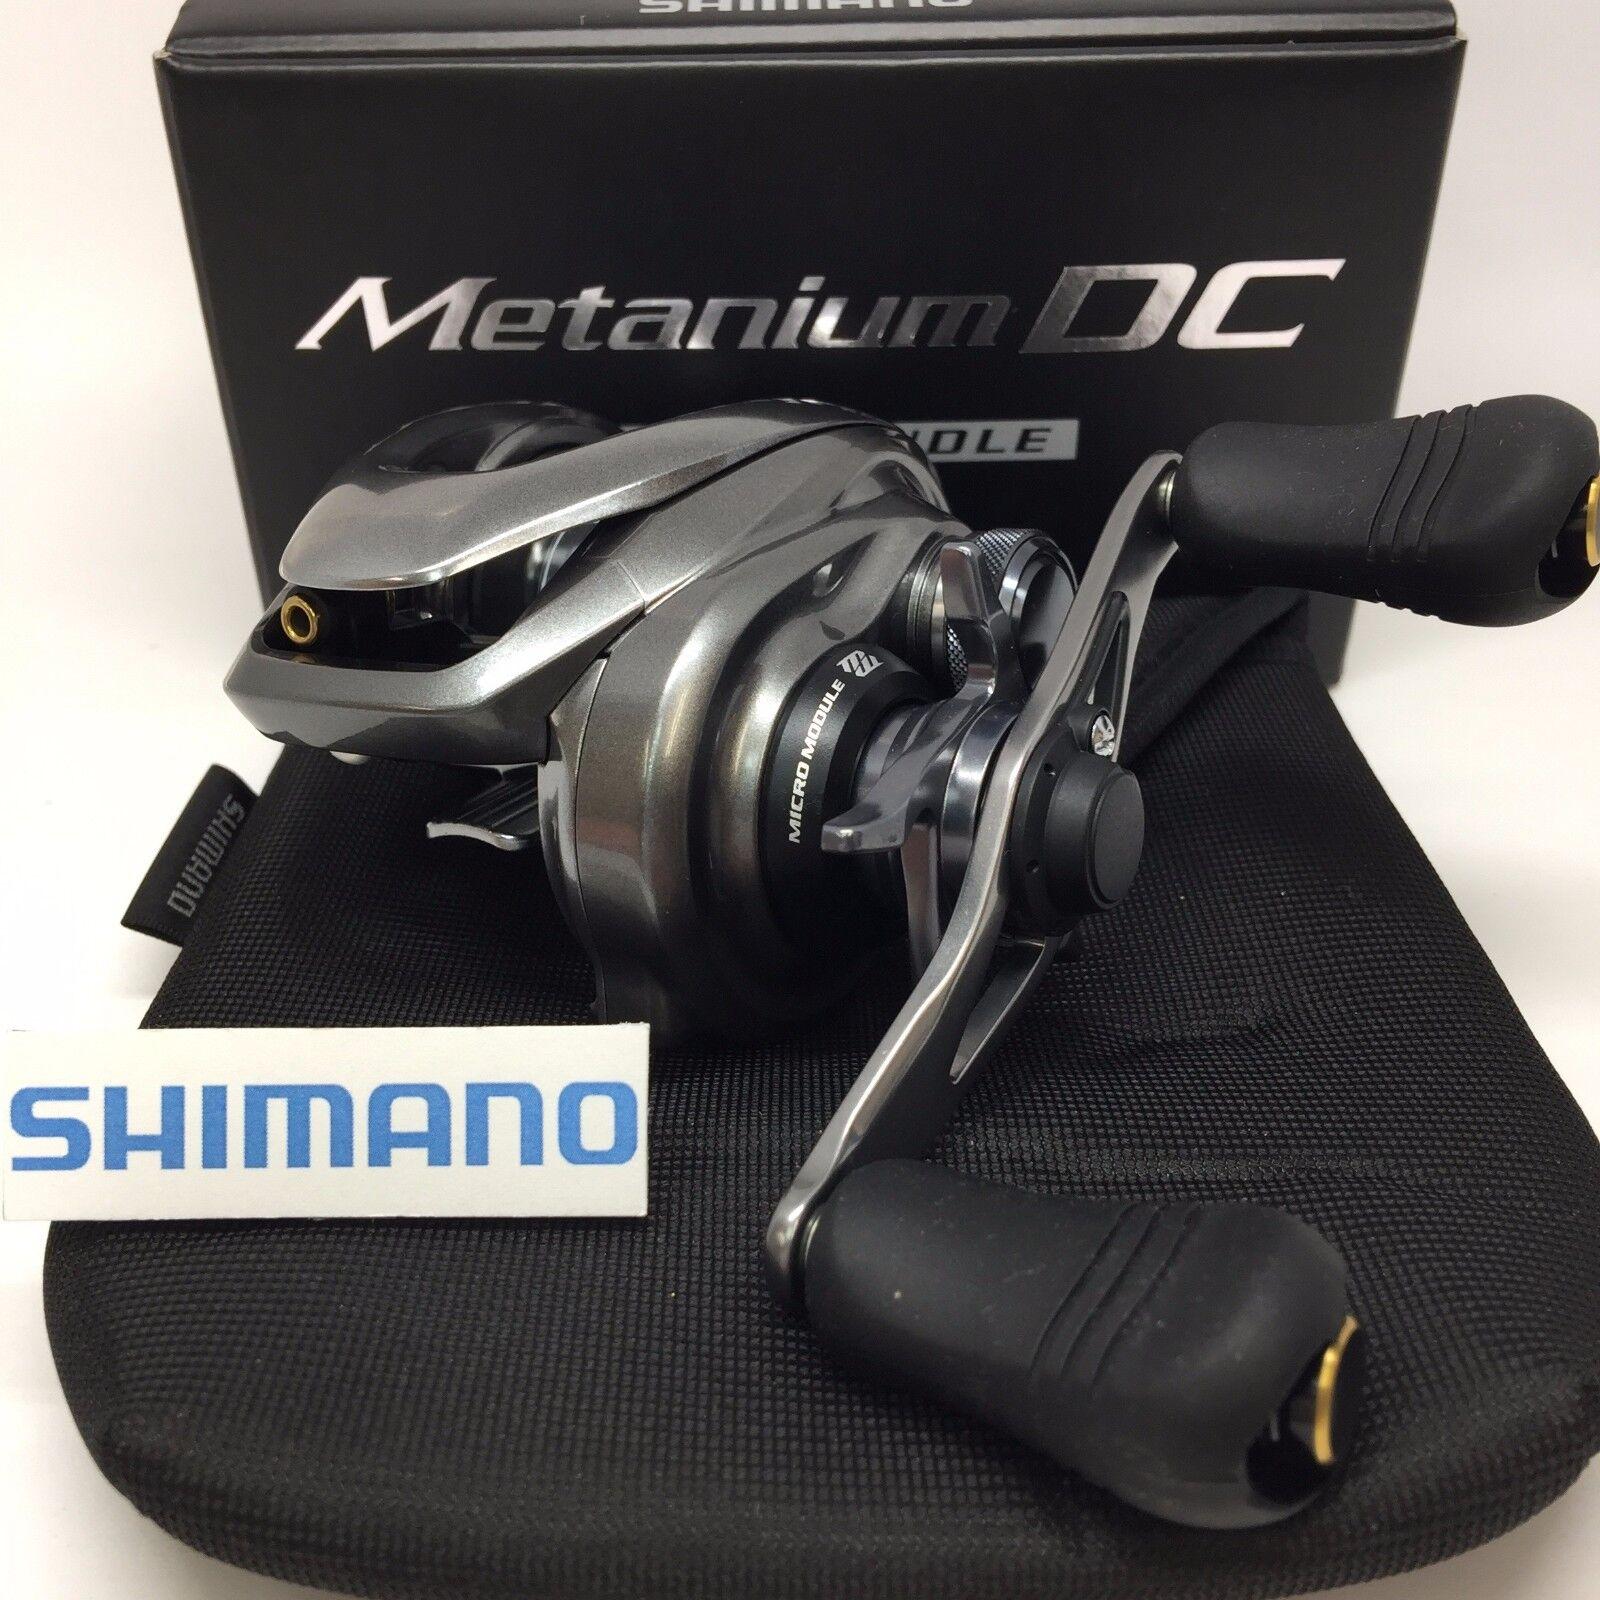 Shimano 15 metanium DC izquierda-Envío gratuito desde Japón